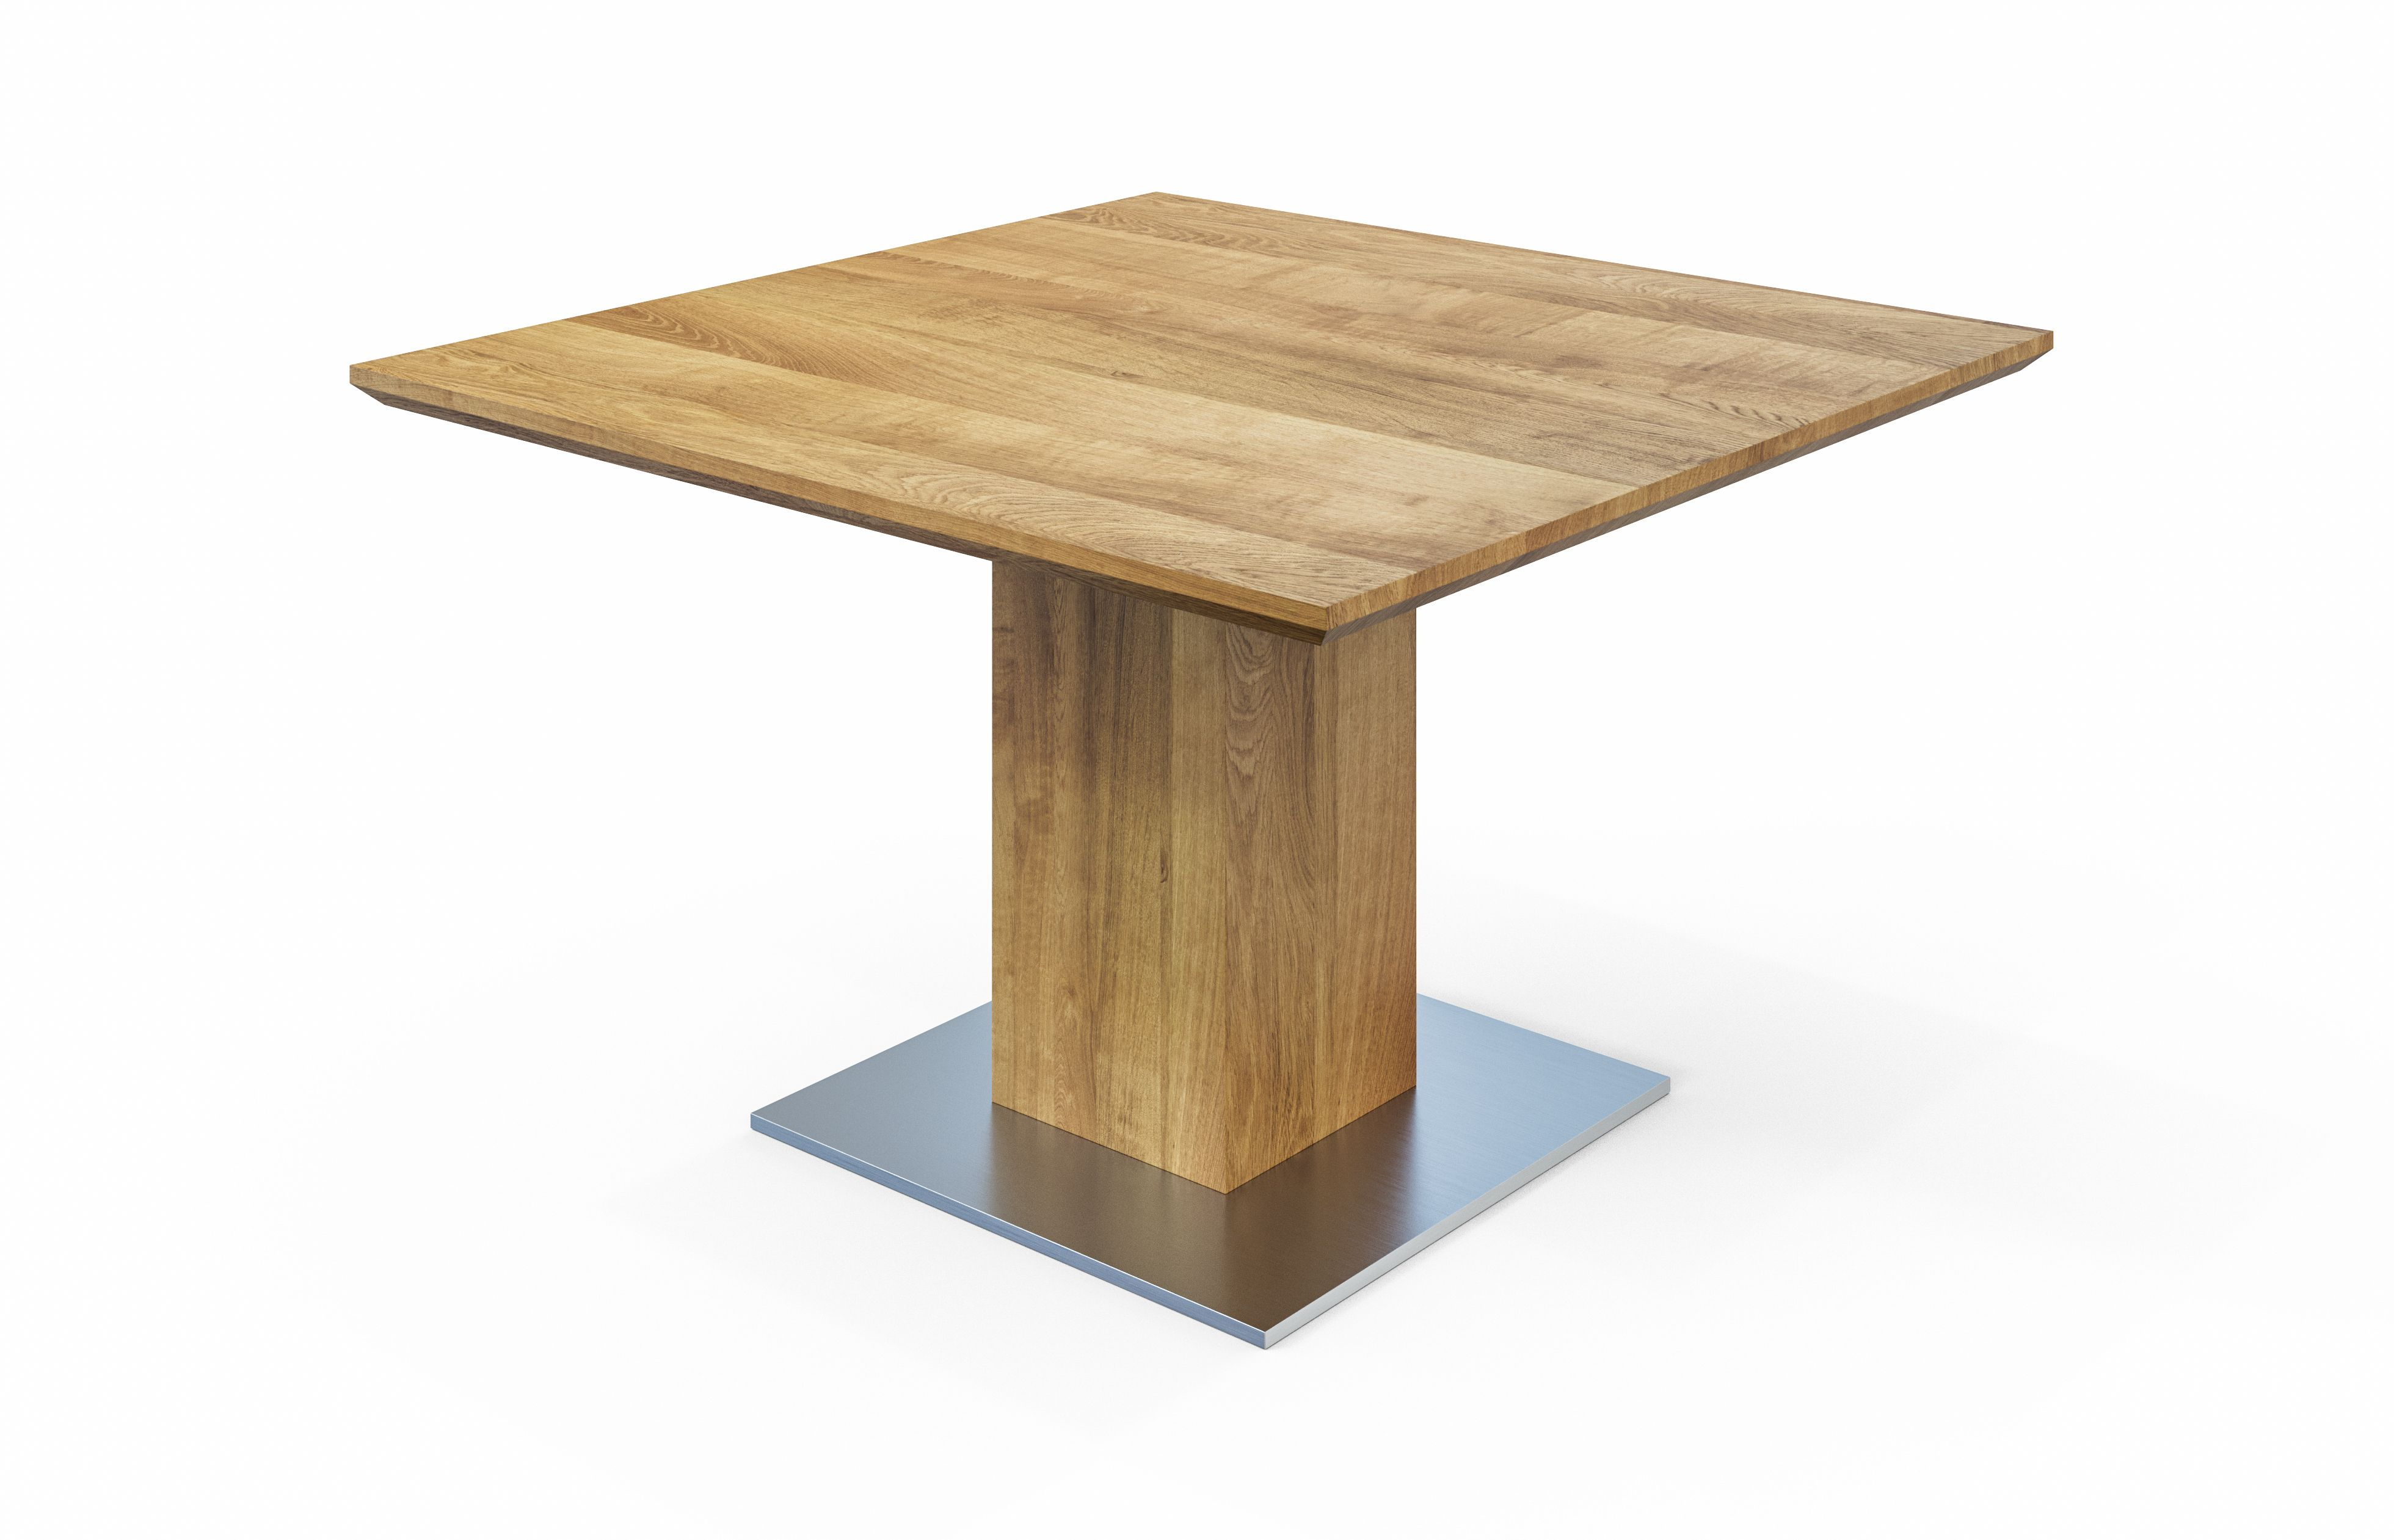 Quadratischer Esszimmertisch Oikos In Rustikaler Optik Eichenholz Comnata Esstisch Esstischquadratisch Esstisch Quadratisch Esstisch Quadratische Tische